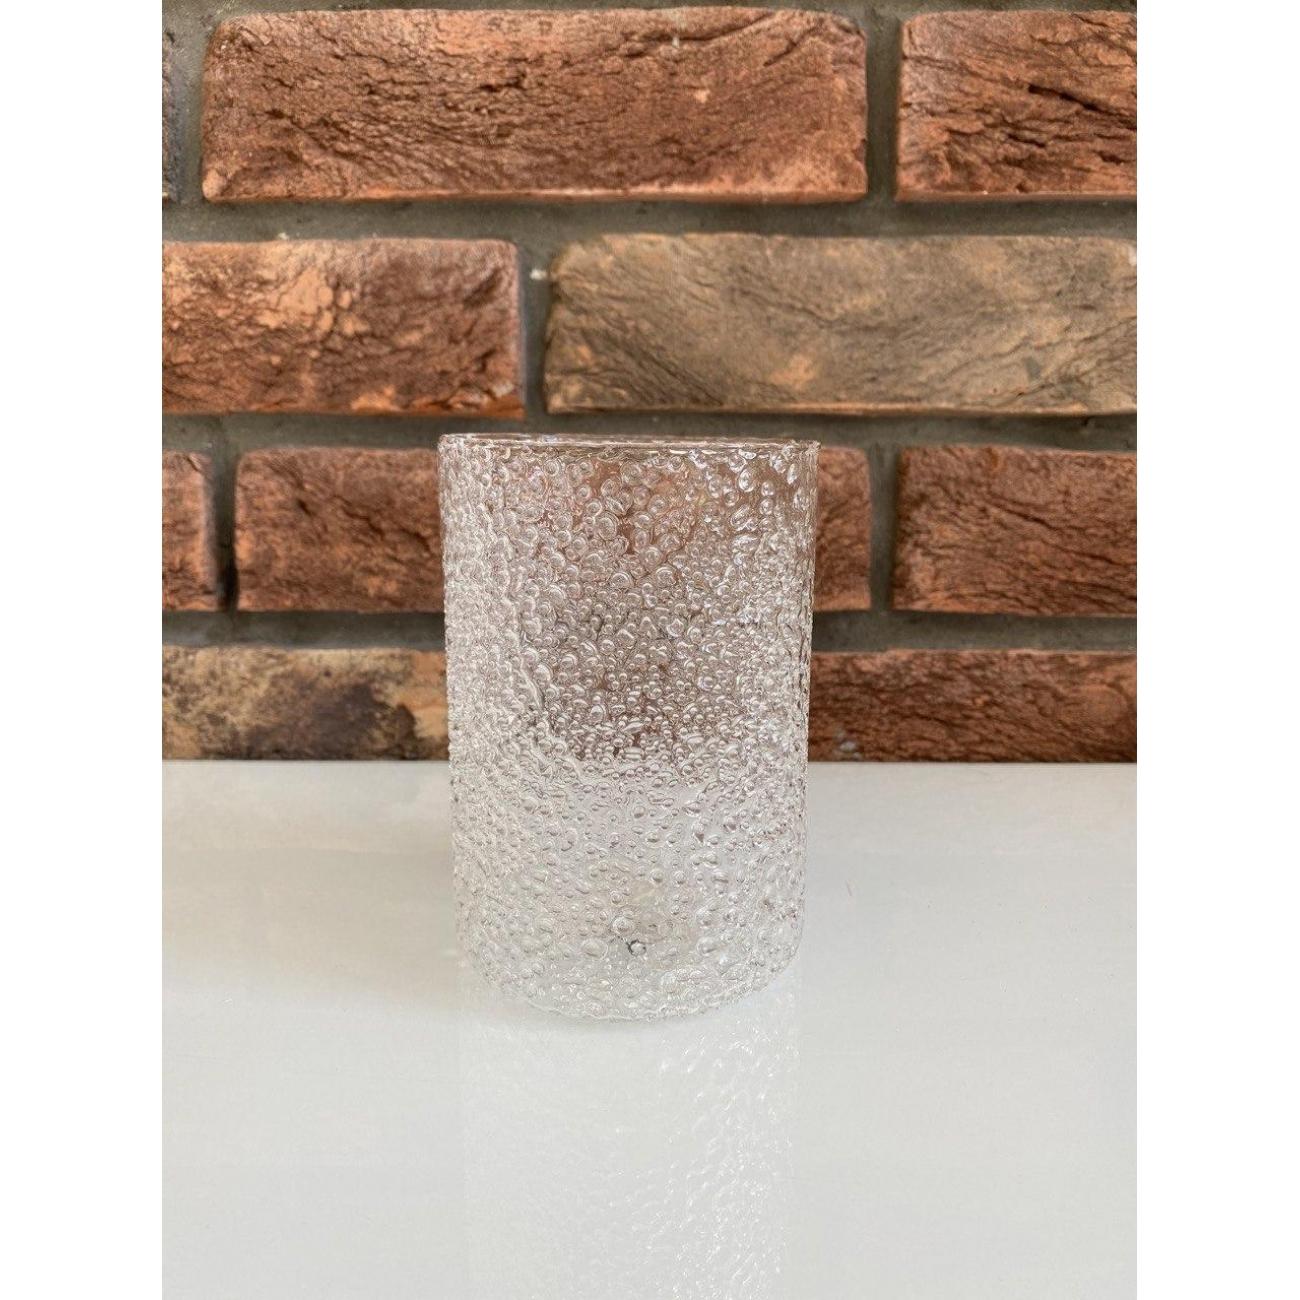 Подсвечник J-LINE стеклянный с эффектом пузырьков 13 см